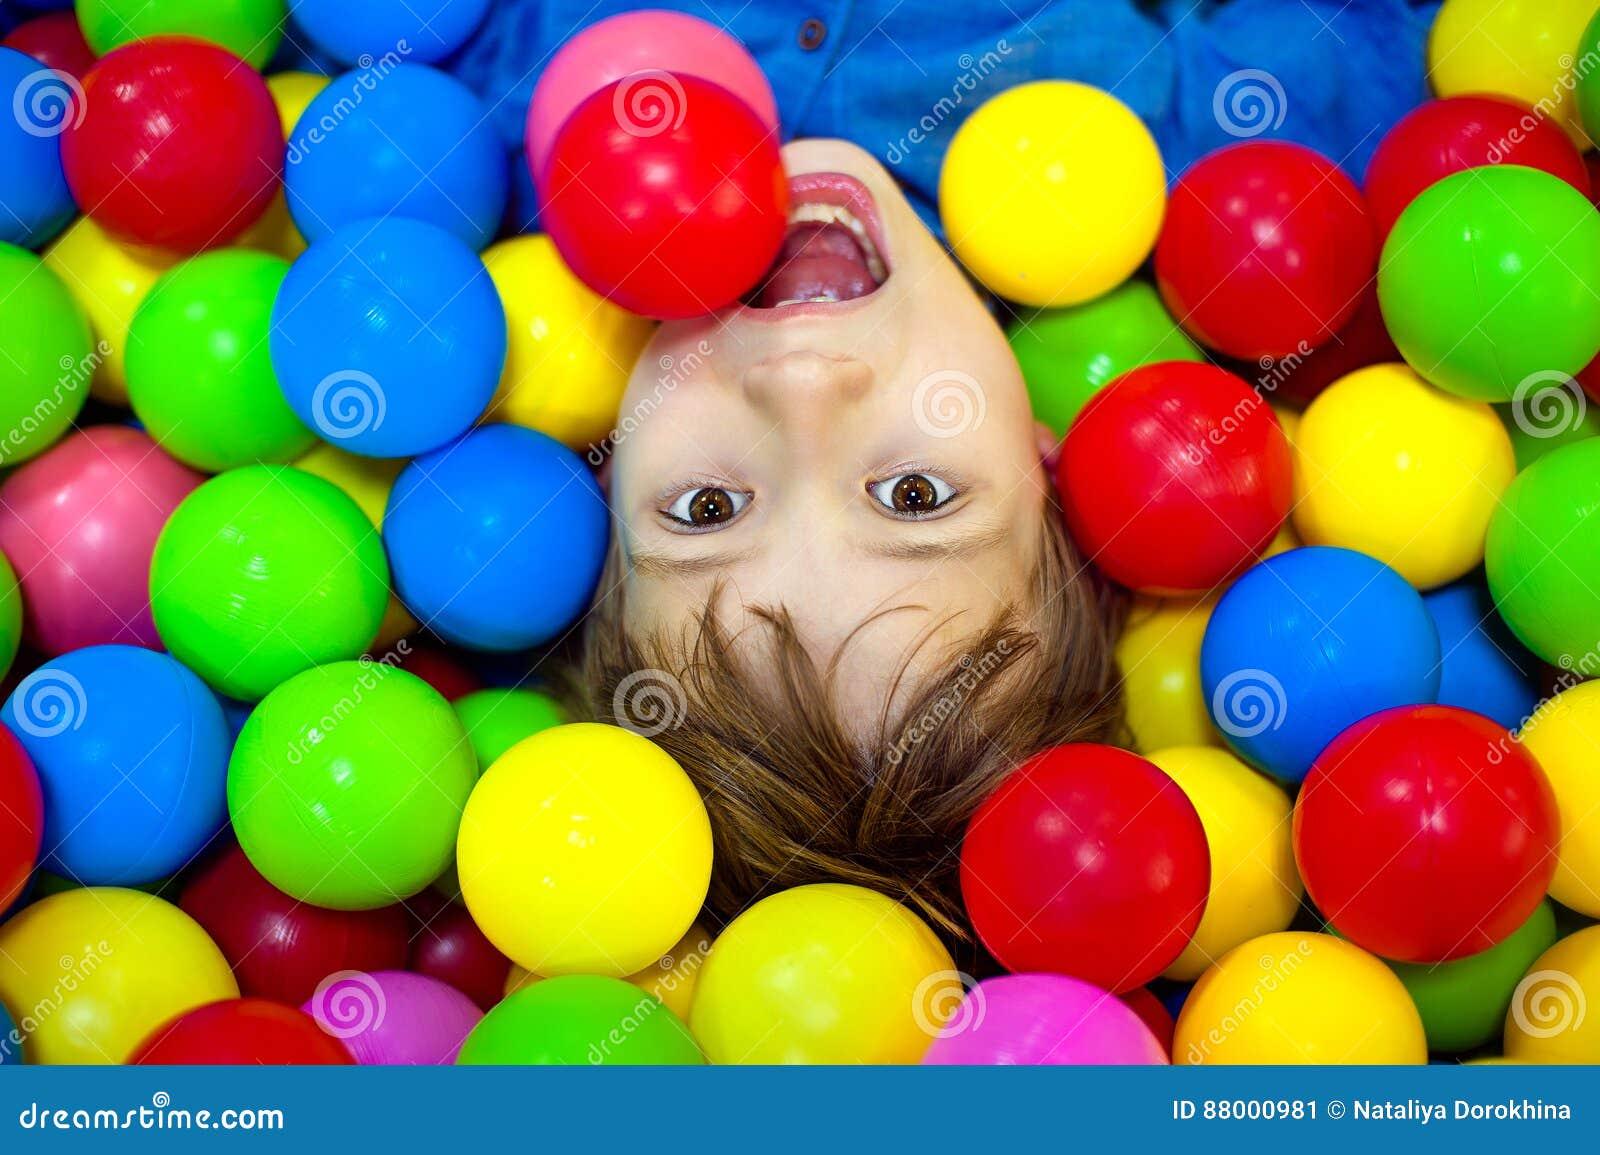 Menino feliz que joga em bolas coloridas Criança feliz que joga na opinião alta do campo de jogos plástico colorido das bolas